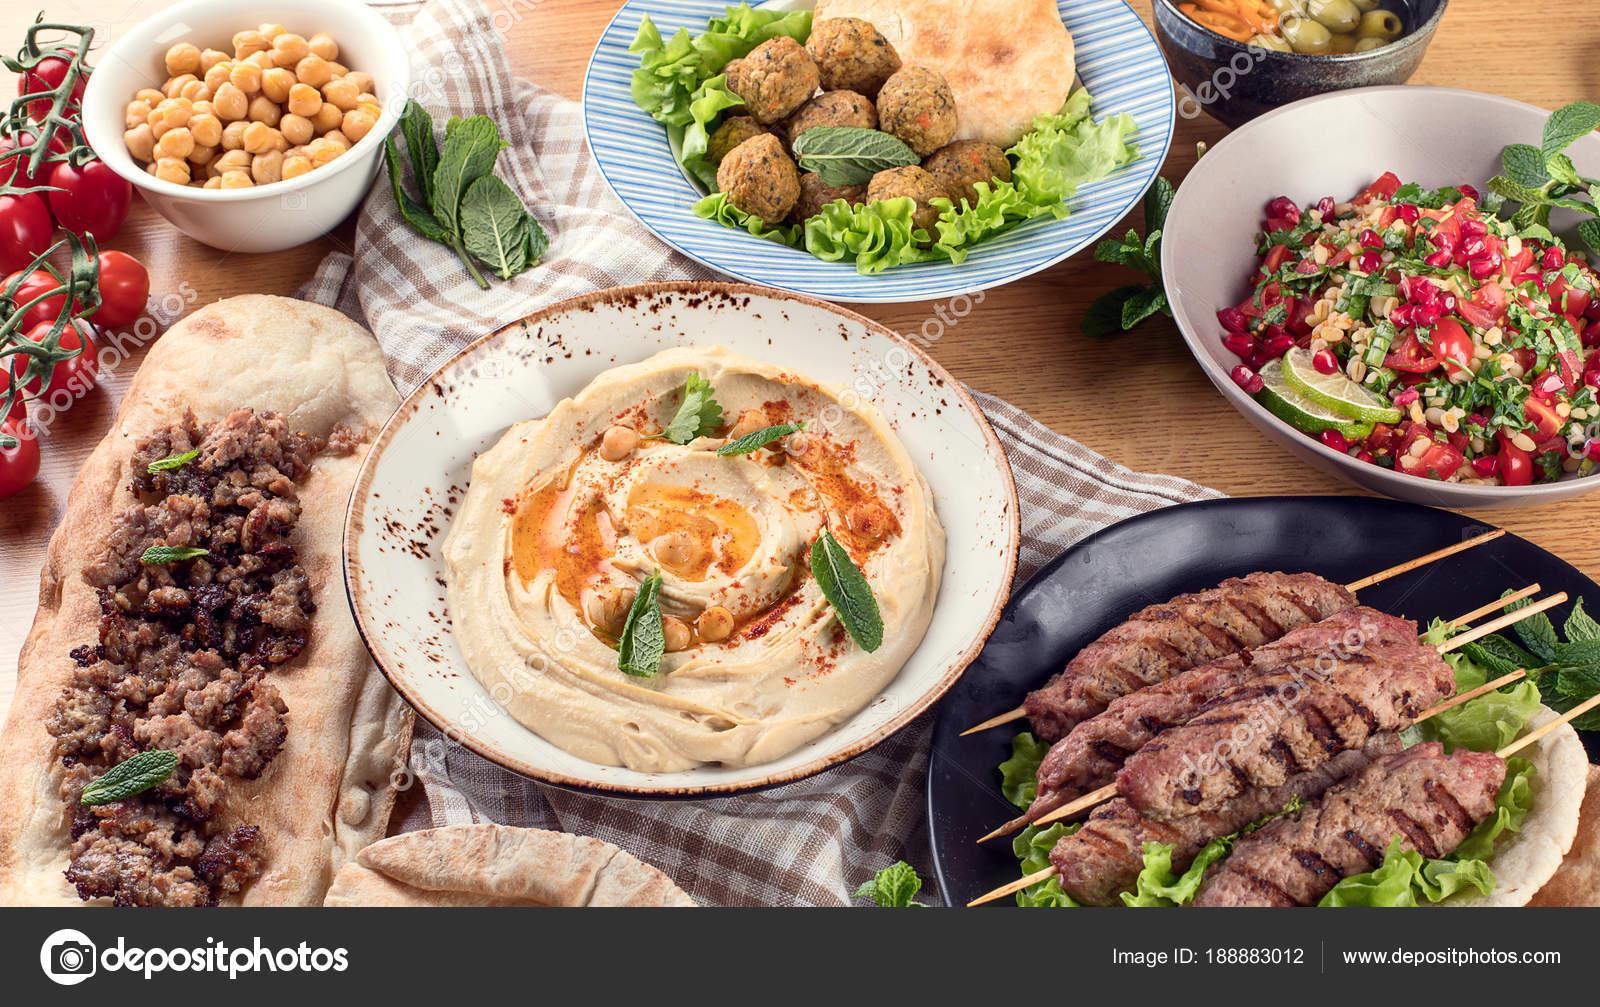 Libanesische kuche - Einzimmer kuche bar nurnberg ...